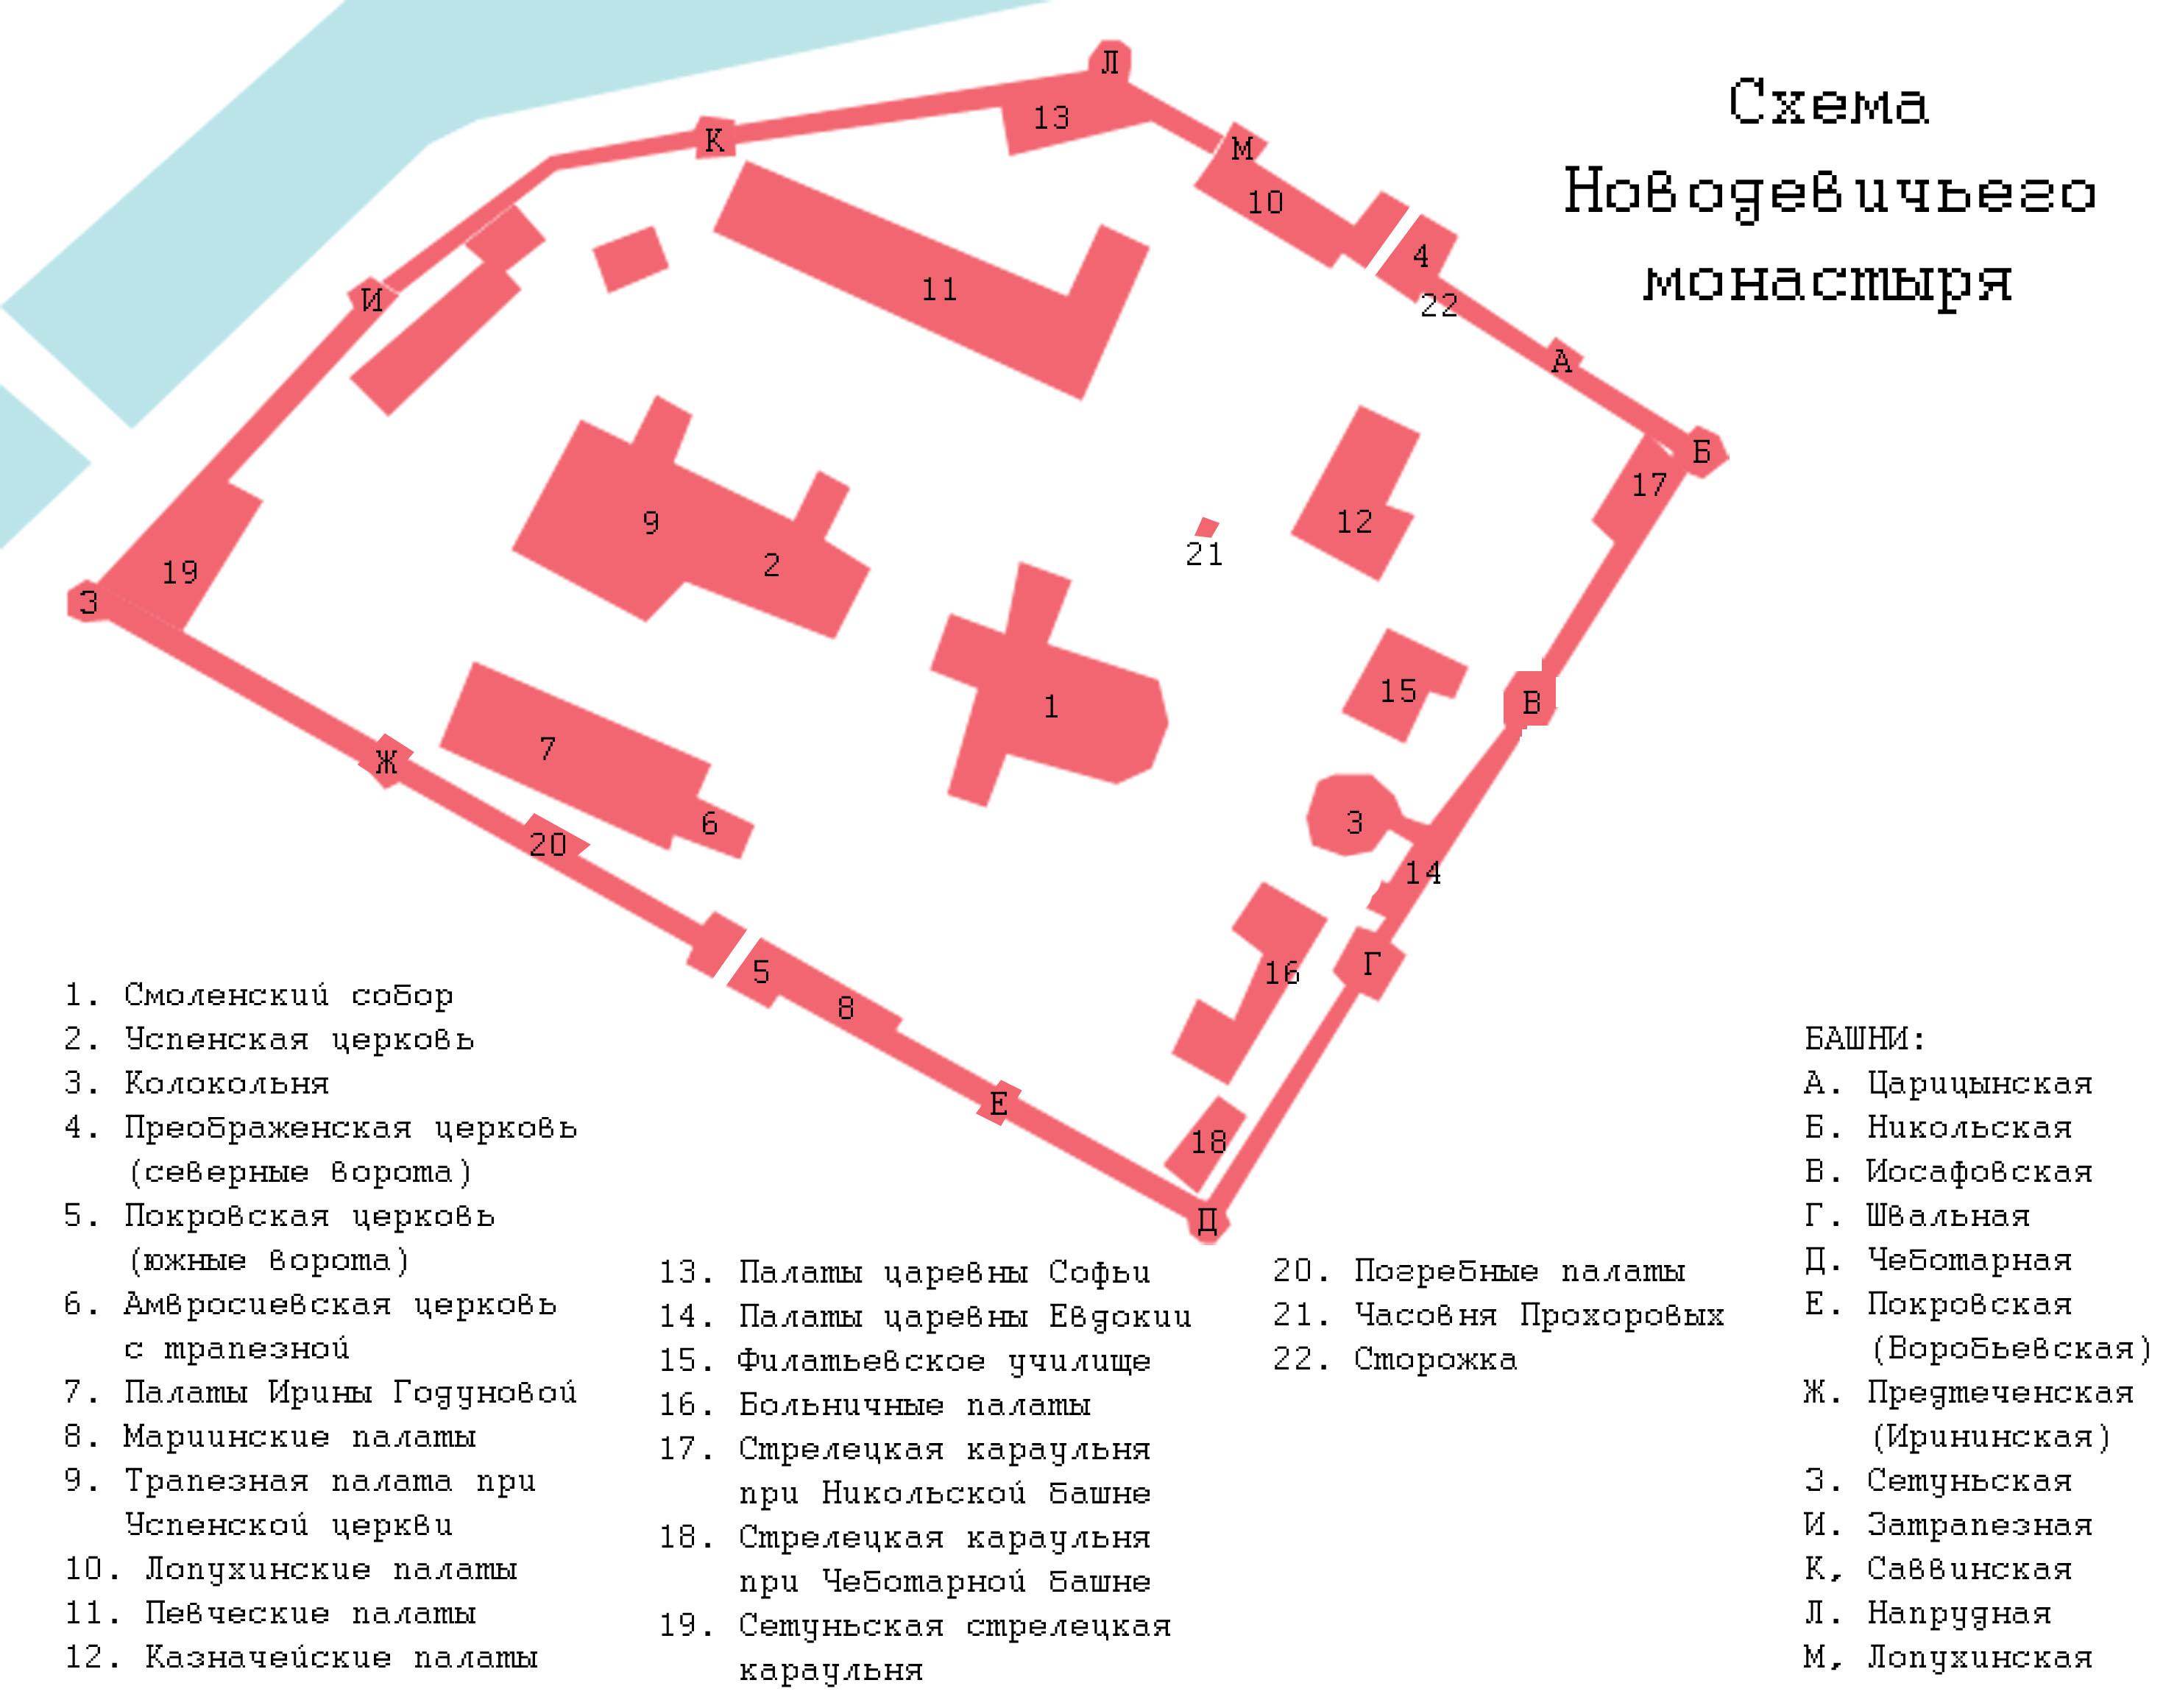 схема корпусов смоленской областной больницы